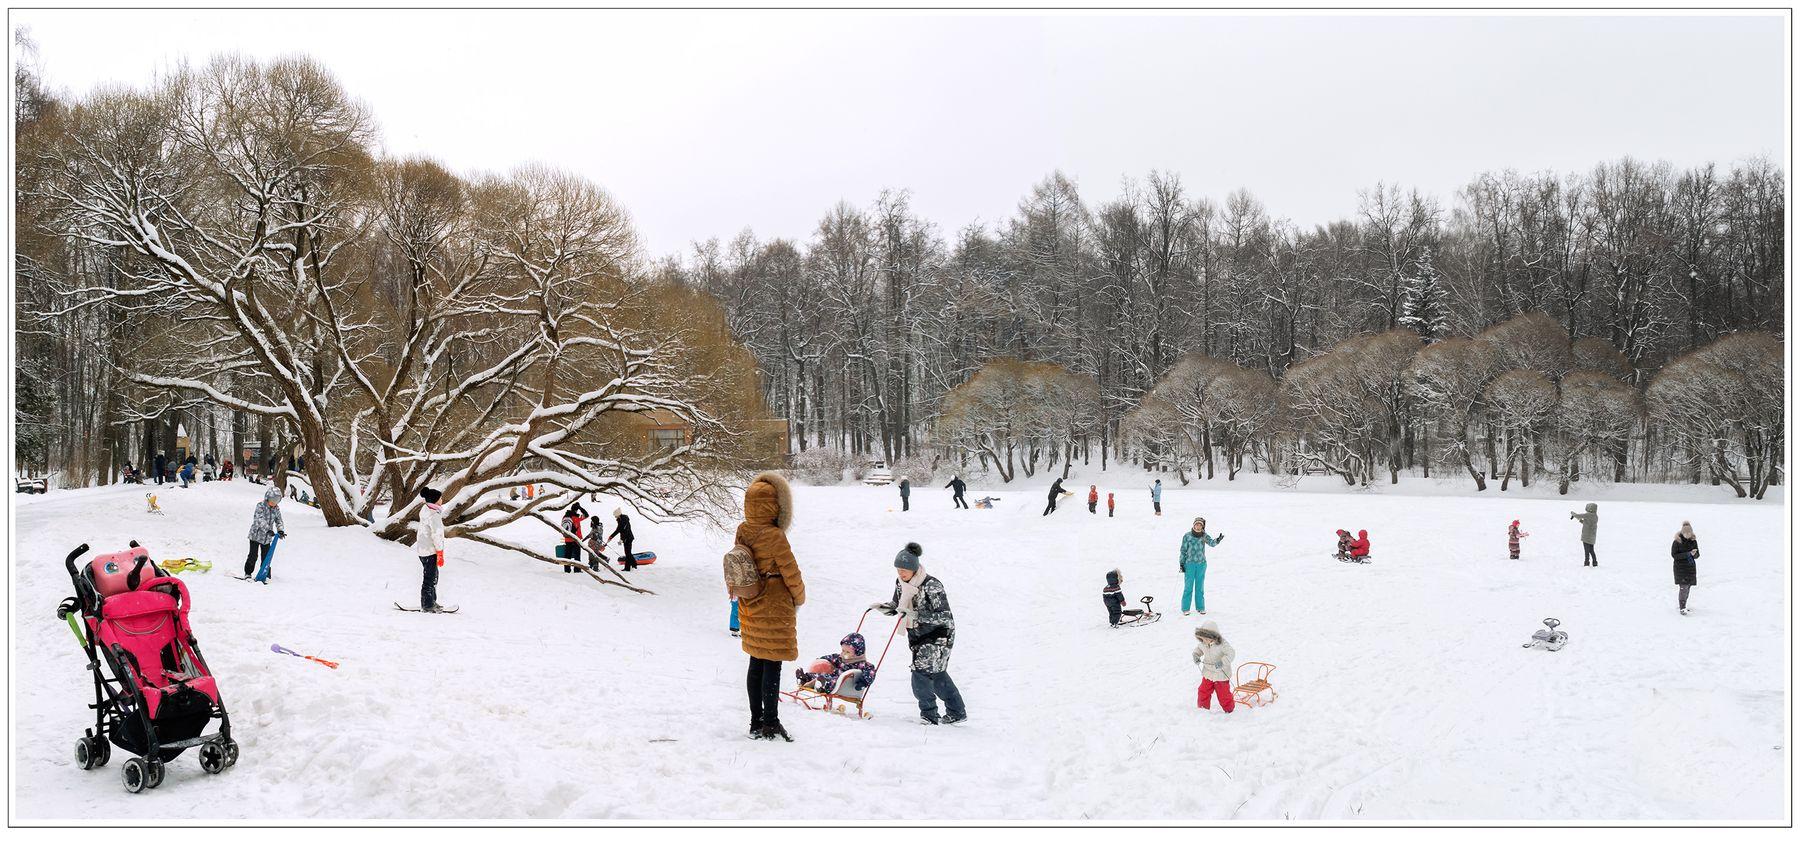 ***Воскресный день на зимнем пруду. Белый снег фигуры дети зима замерзший пруд ивы